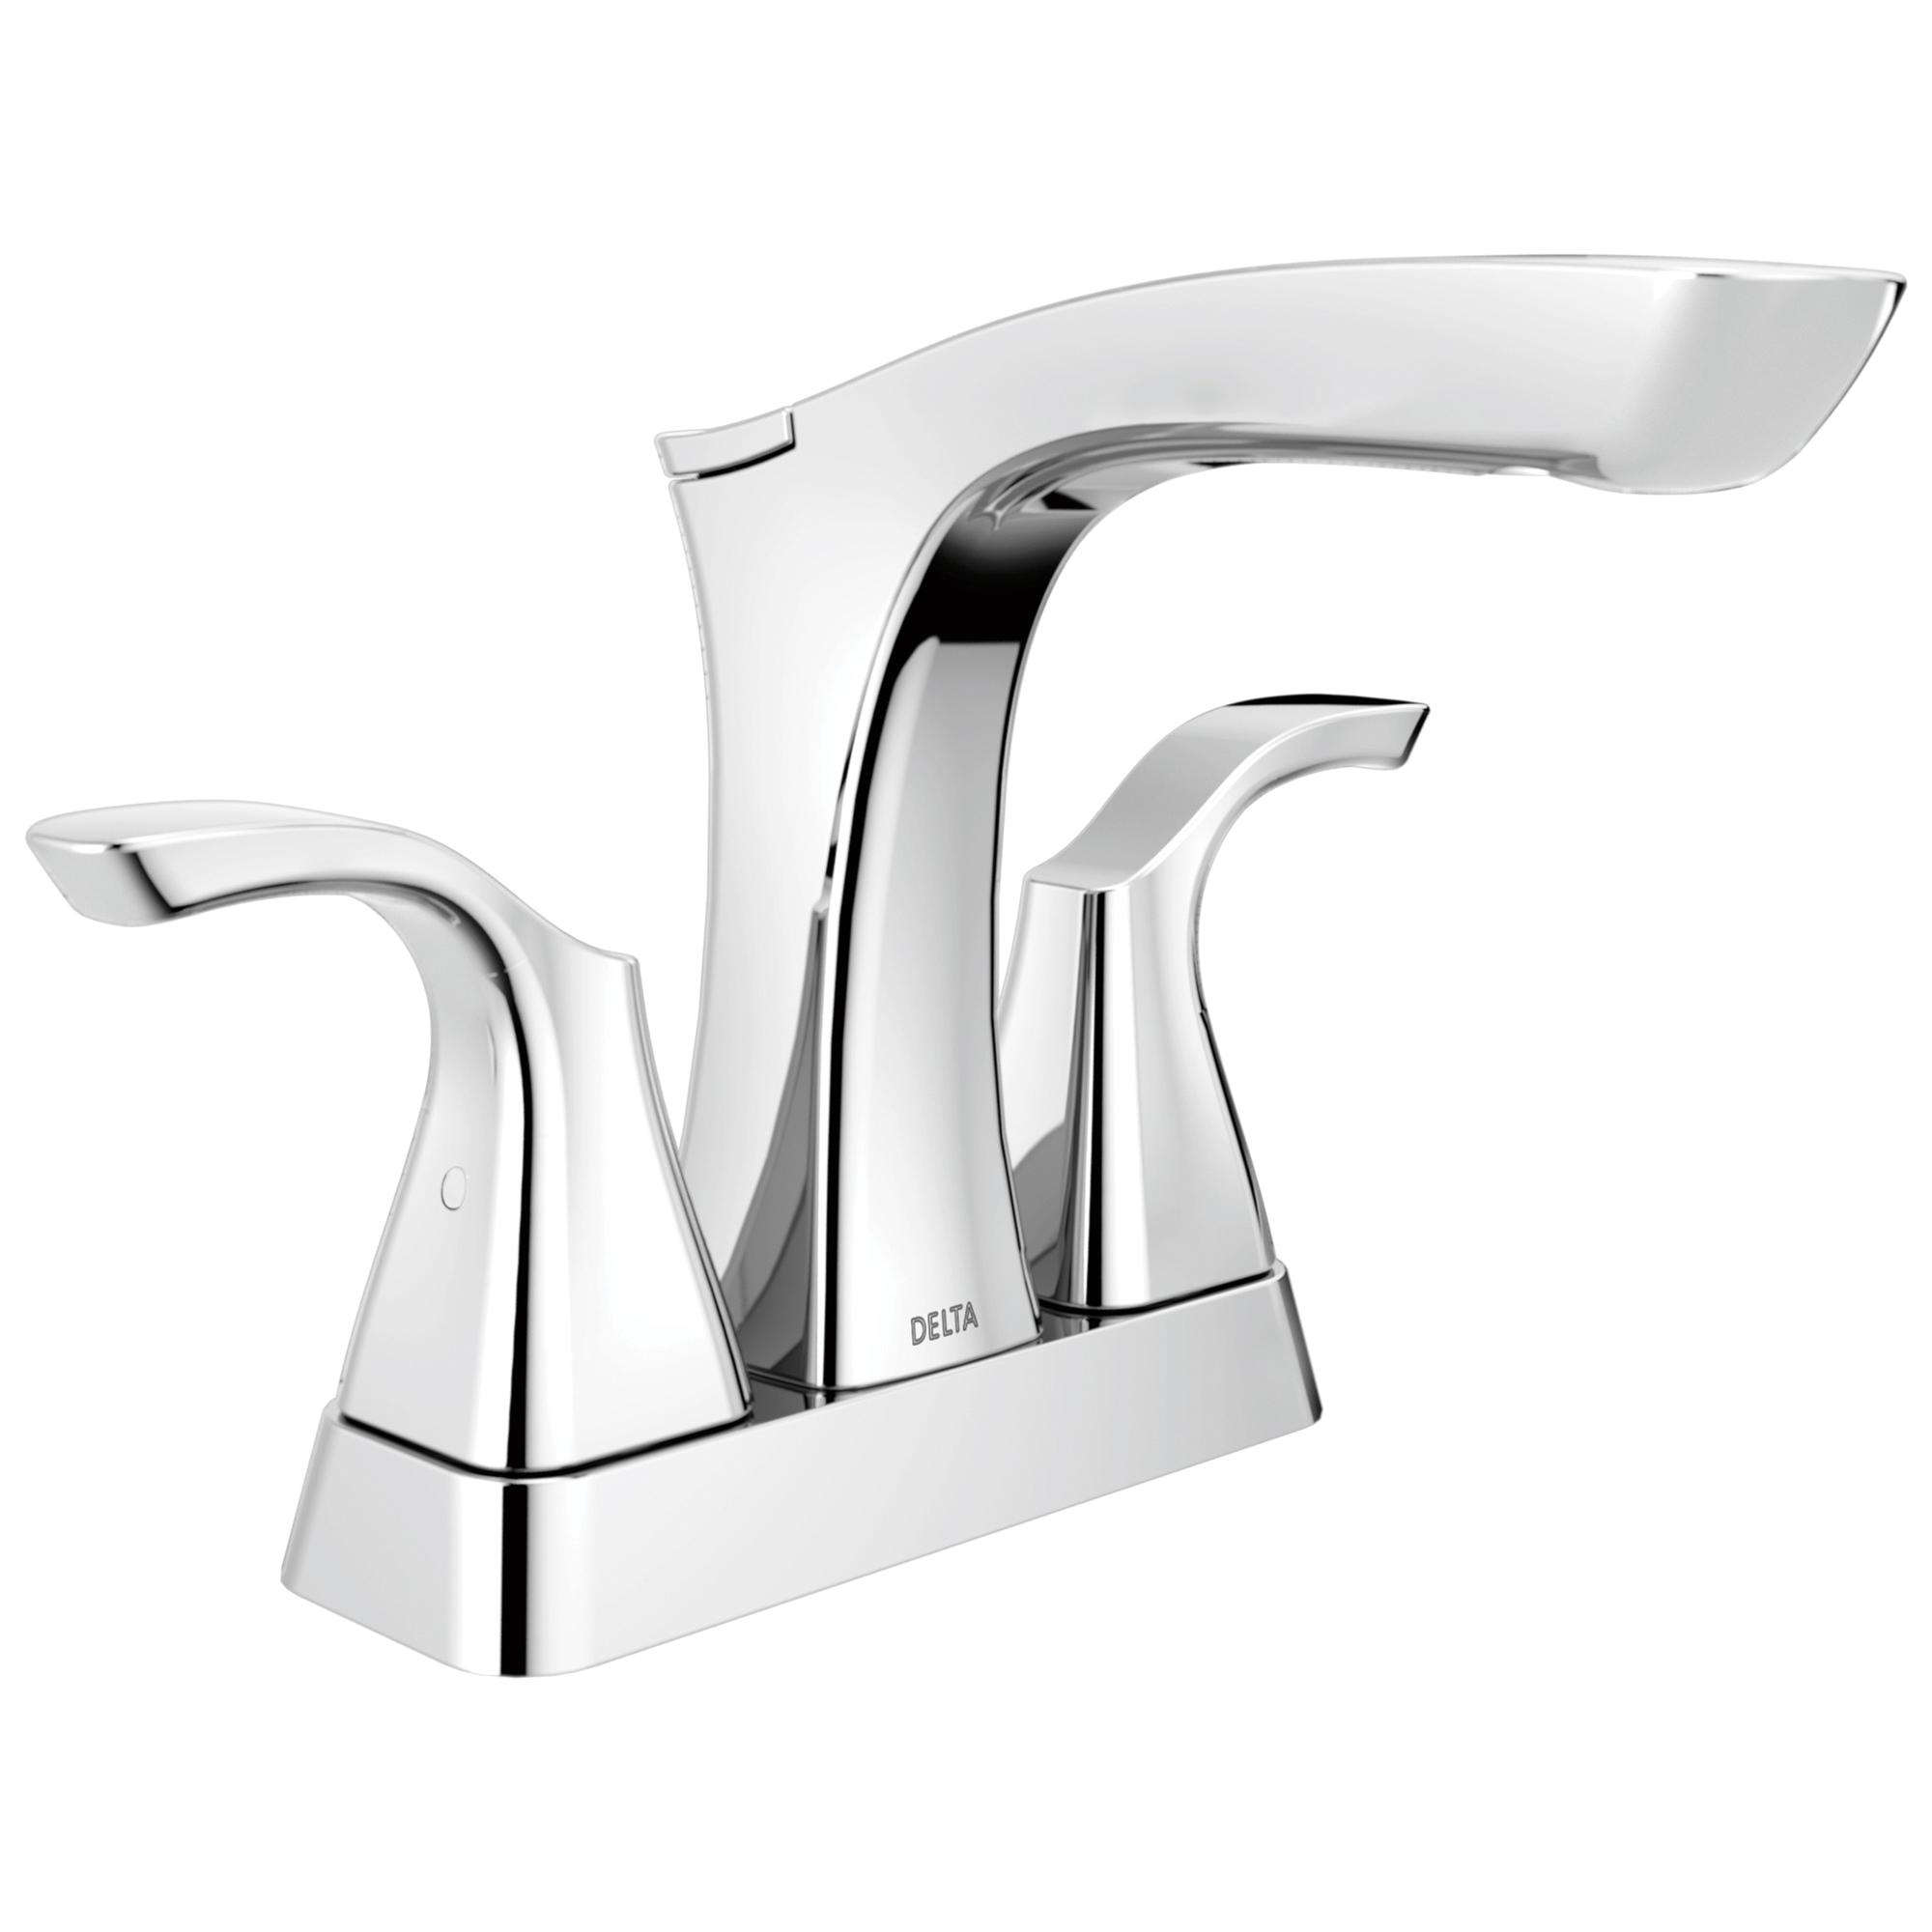 DELTA® 2552-MPU-DST Centerset Lavatory Faucet, Tesla®, Chrome Plated, 2 Handles, Metal Pop-Up Drain, 1.2 gpm